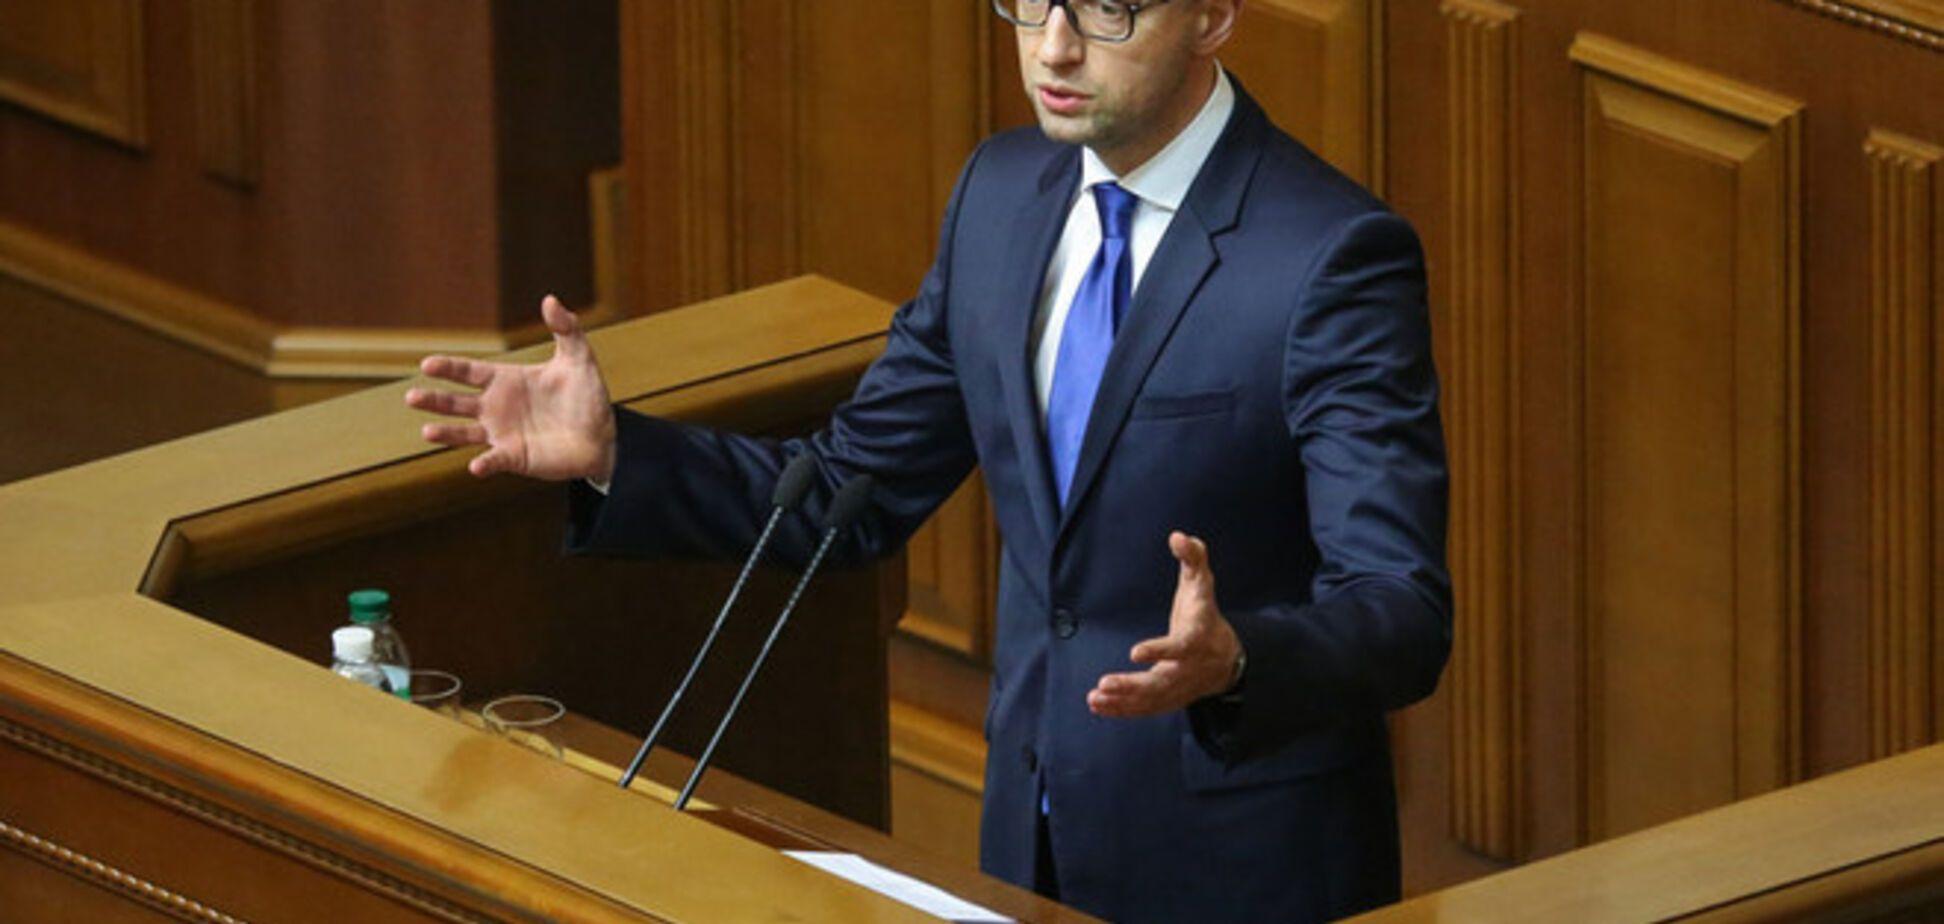 Яценюк предложил обложить украинцев новым налогом, за неуплату которого арестуют имущество